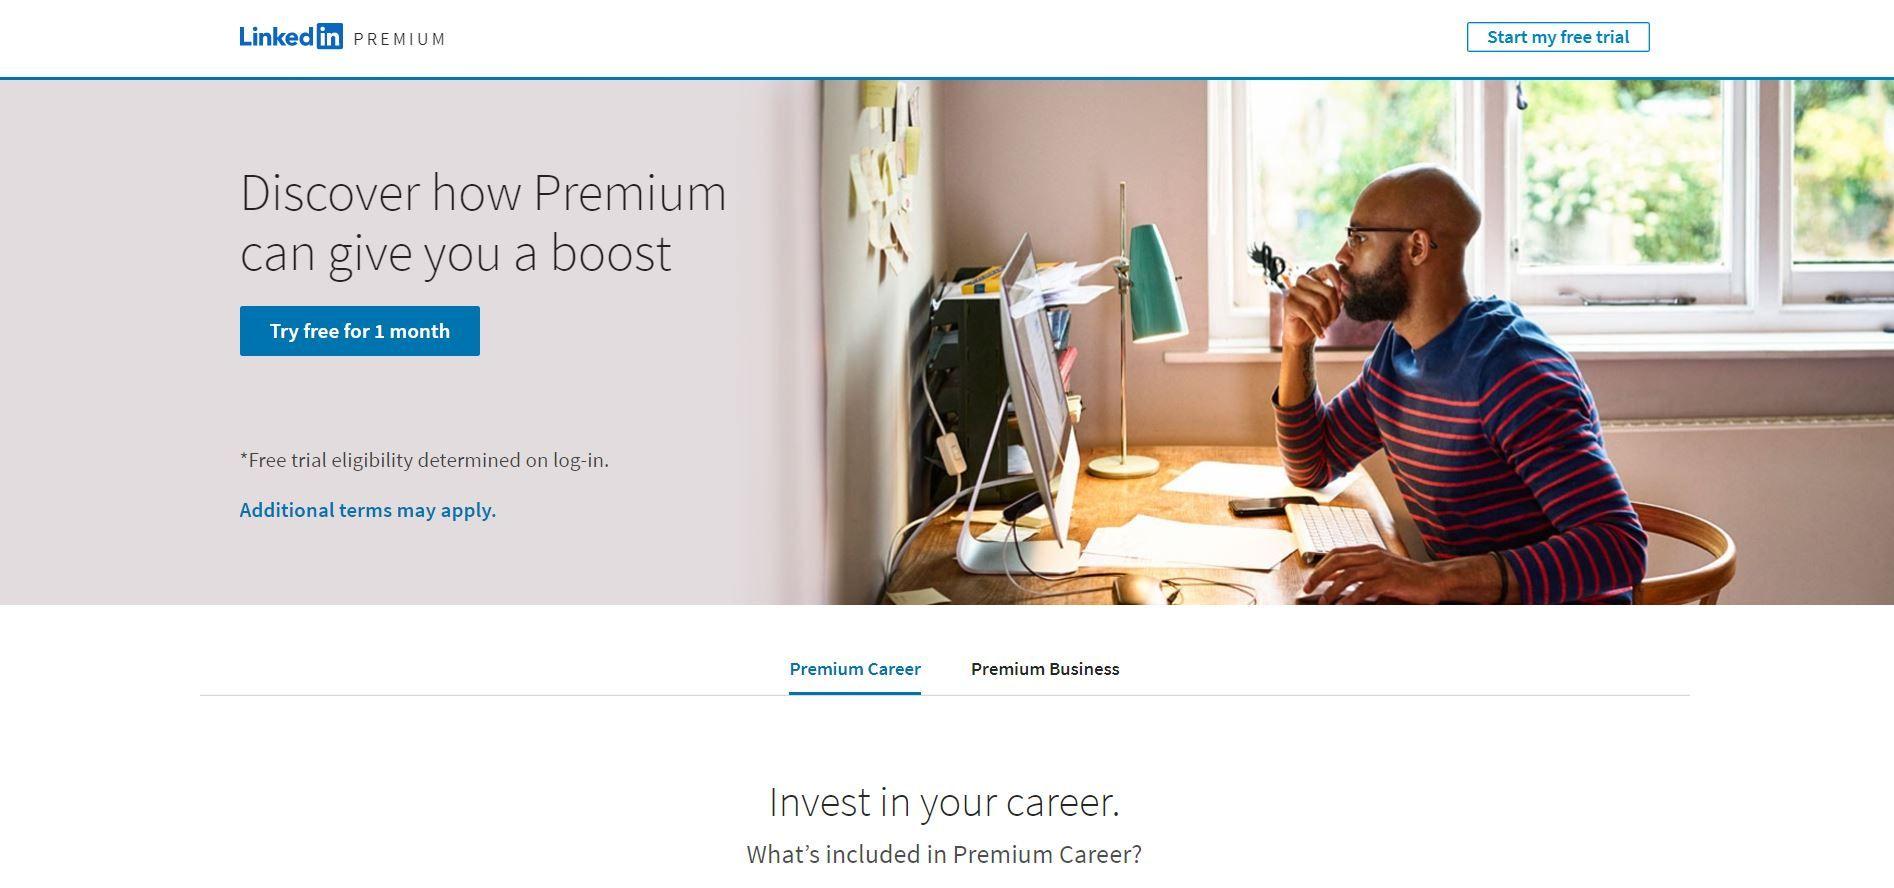 O LinkedIn Premium é um serviço por assinatura que potencializa os recursos da plataforma (Foto: Reprodução)